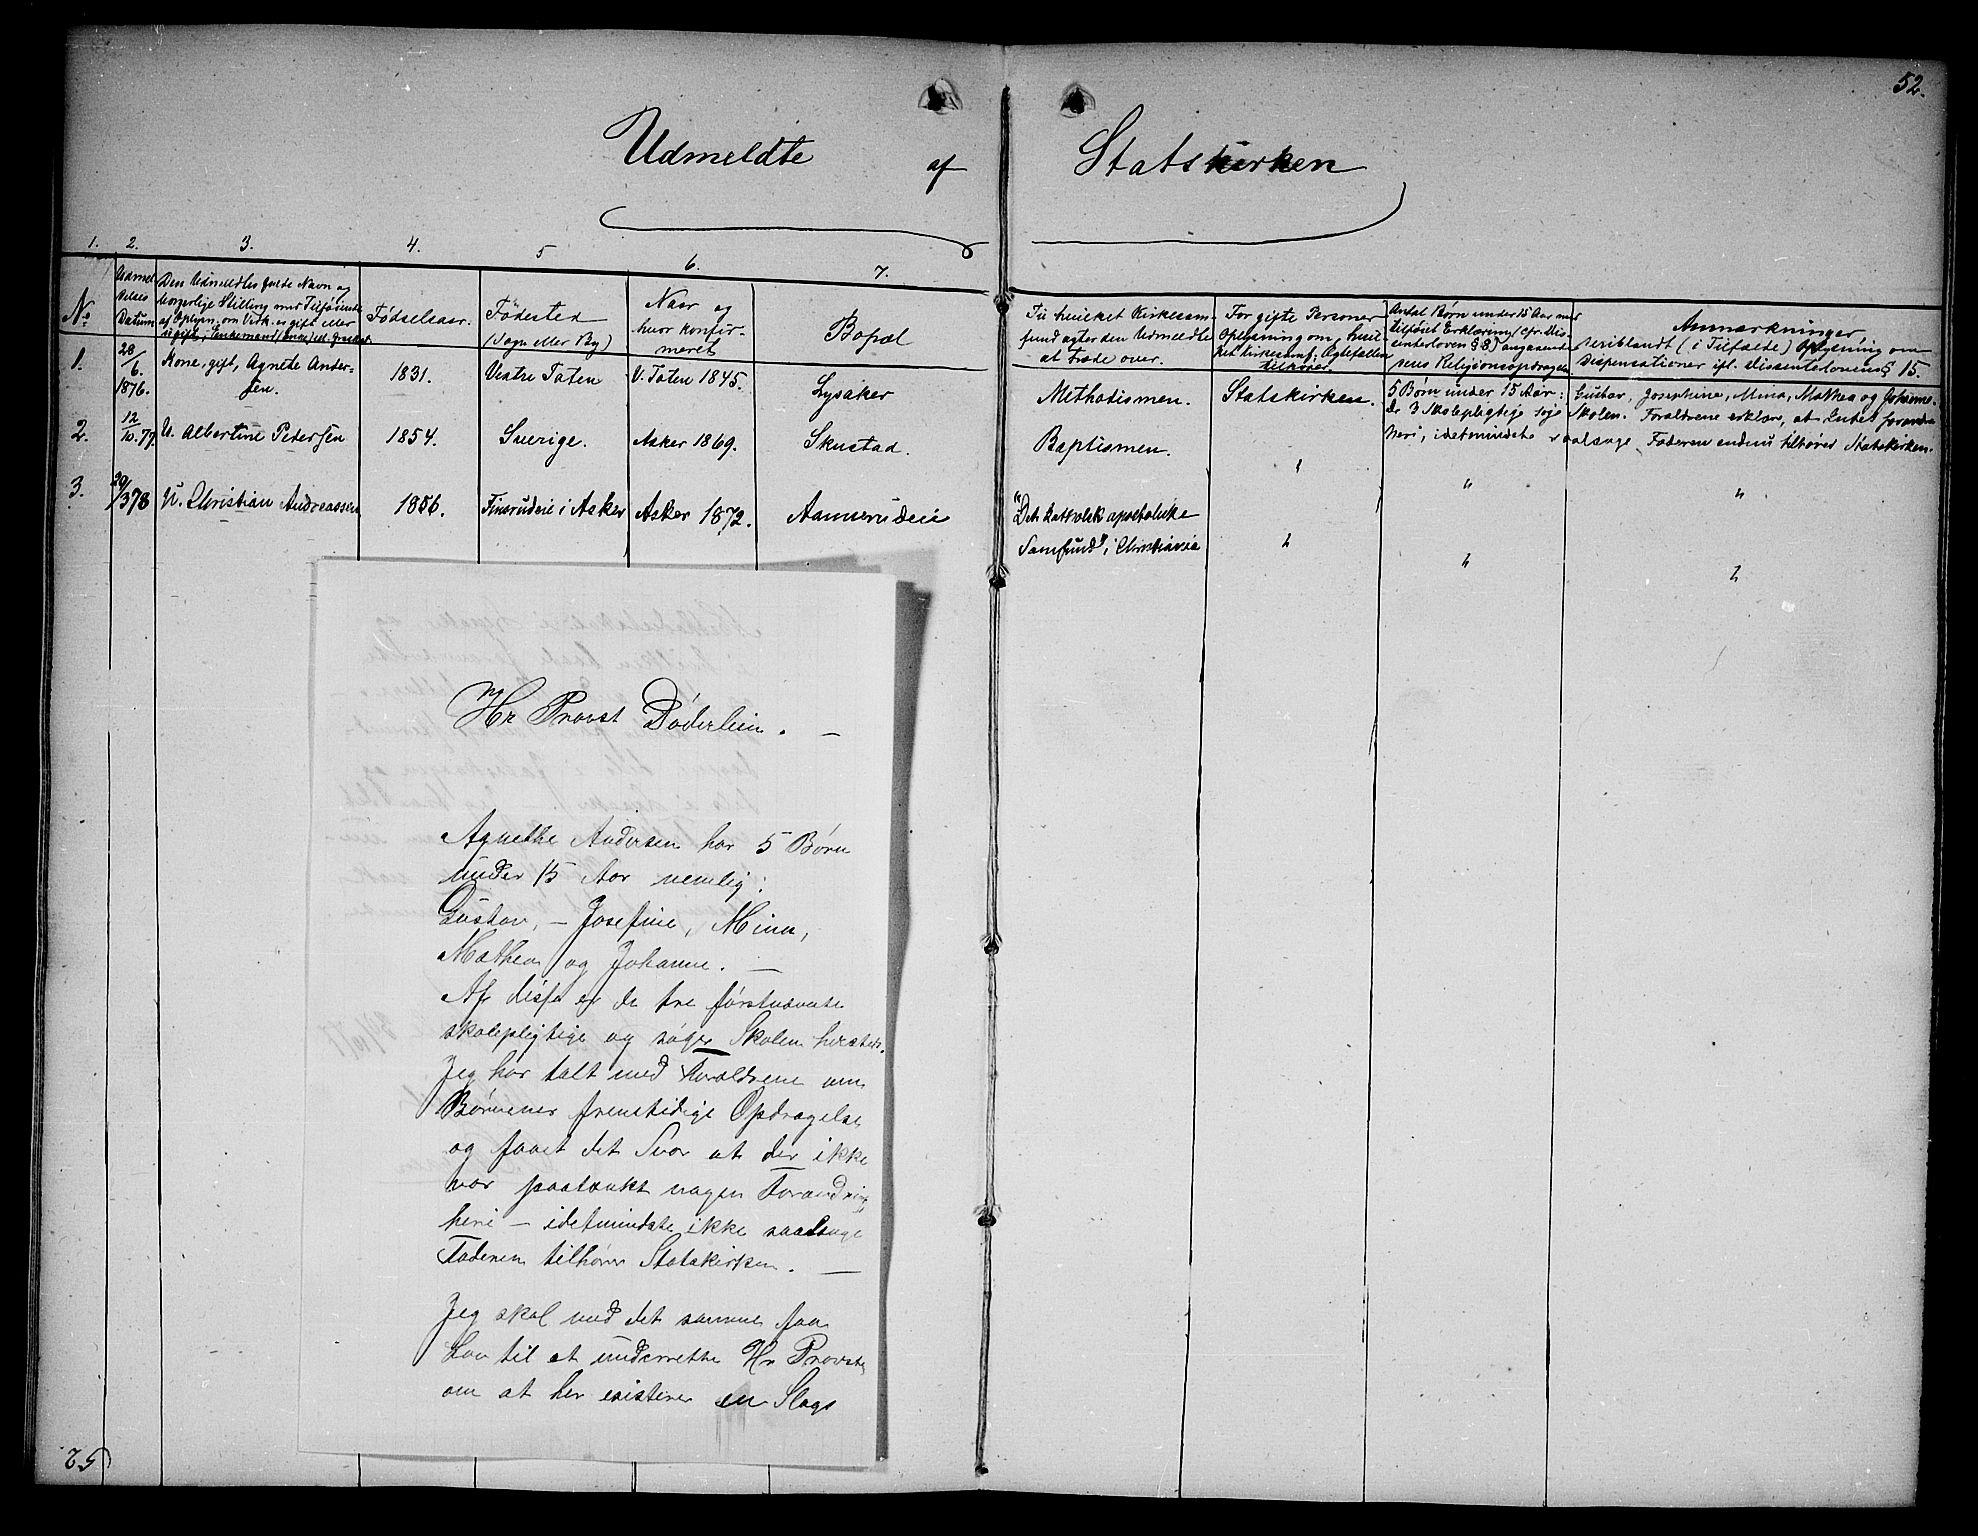 SAO, Asker prestekontor Kirkebøker, F/Fa/L0012: Ministerialbok nr. I 12, 1825-1878, s. 52